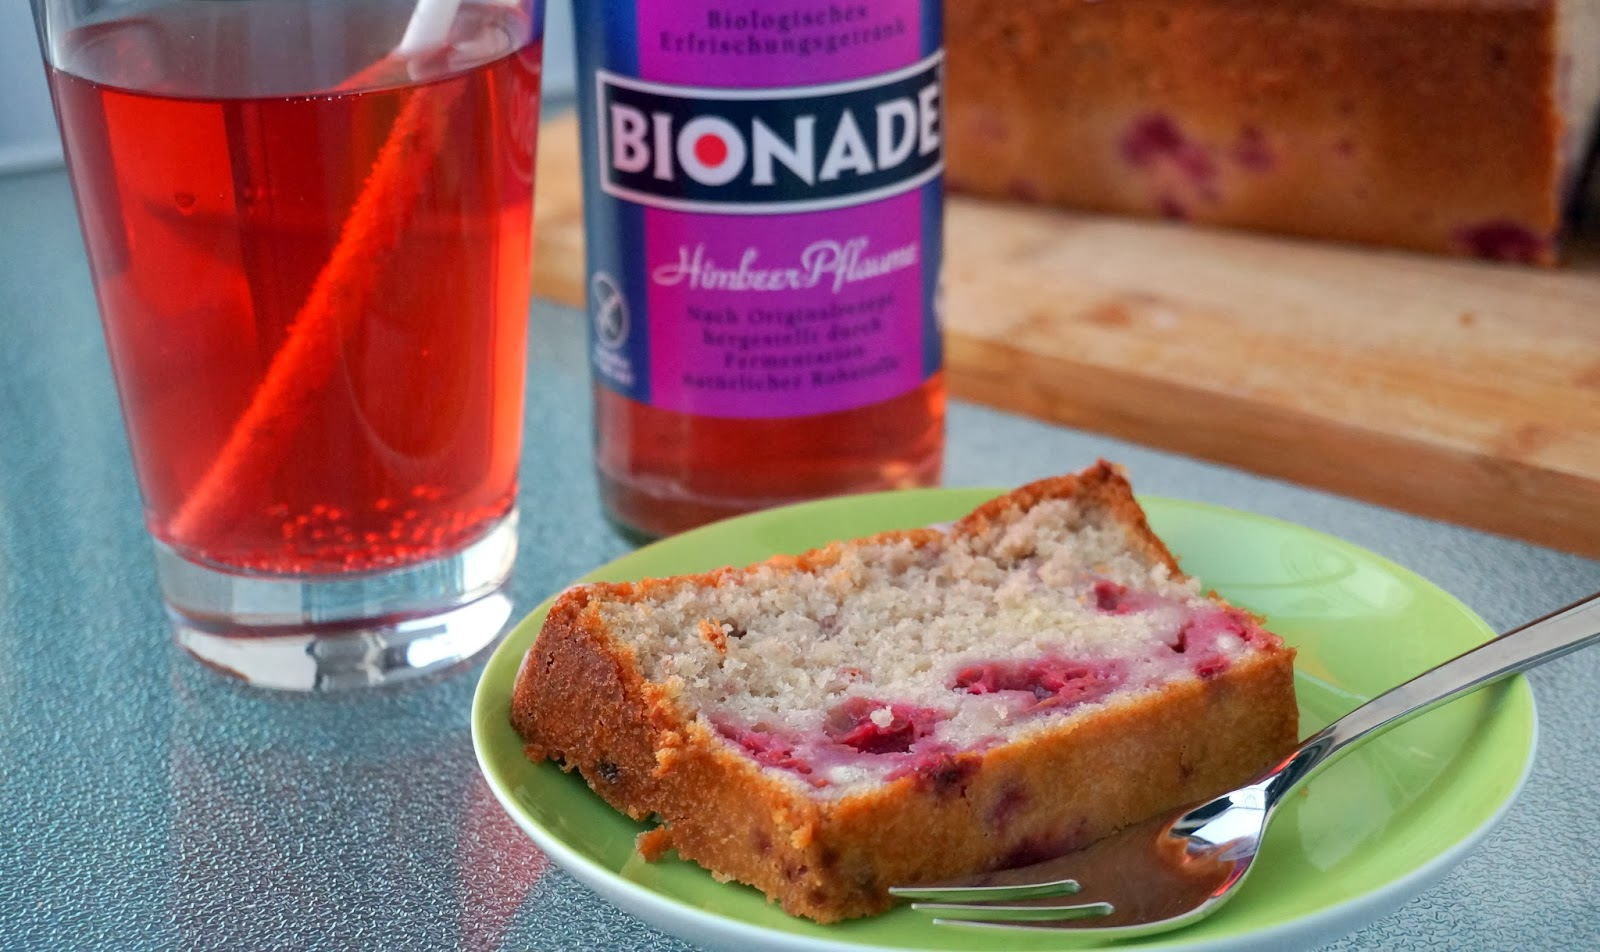 Bionade, Bionadekuchen, Sommerkuchen, Himbeerkuchen, Frühlingskuchen, Bionade neue Sorte